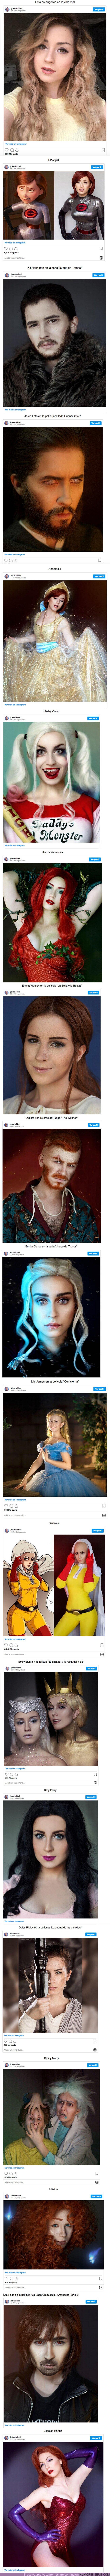 61360 - GALERÍA: Mira estas 19 imágenes de una artista del maquillaje de los EE.UU. para descubrir por qué es considerada la reina del cosplay